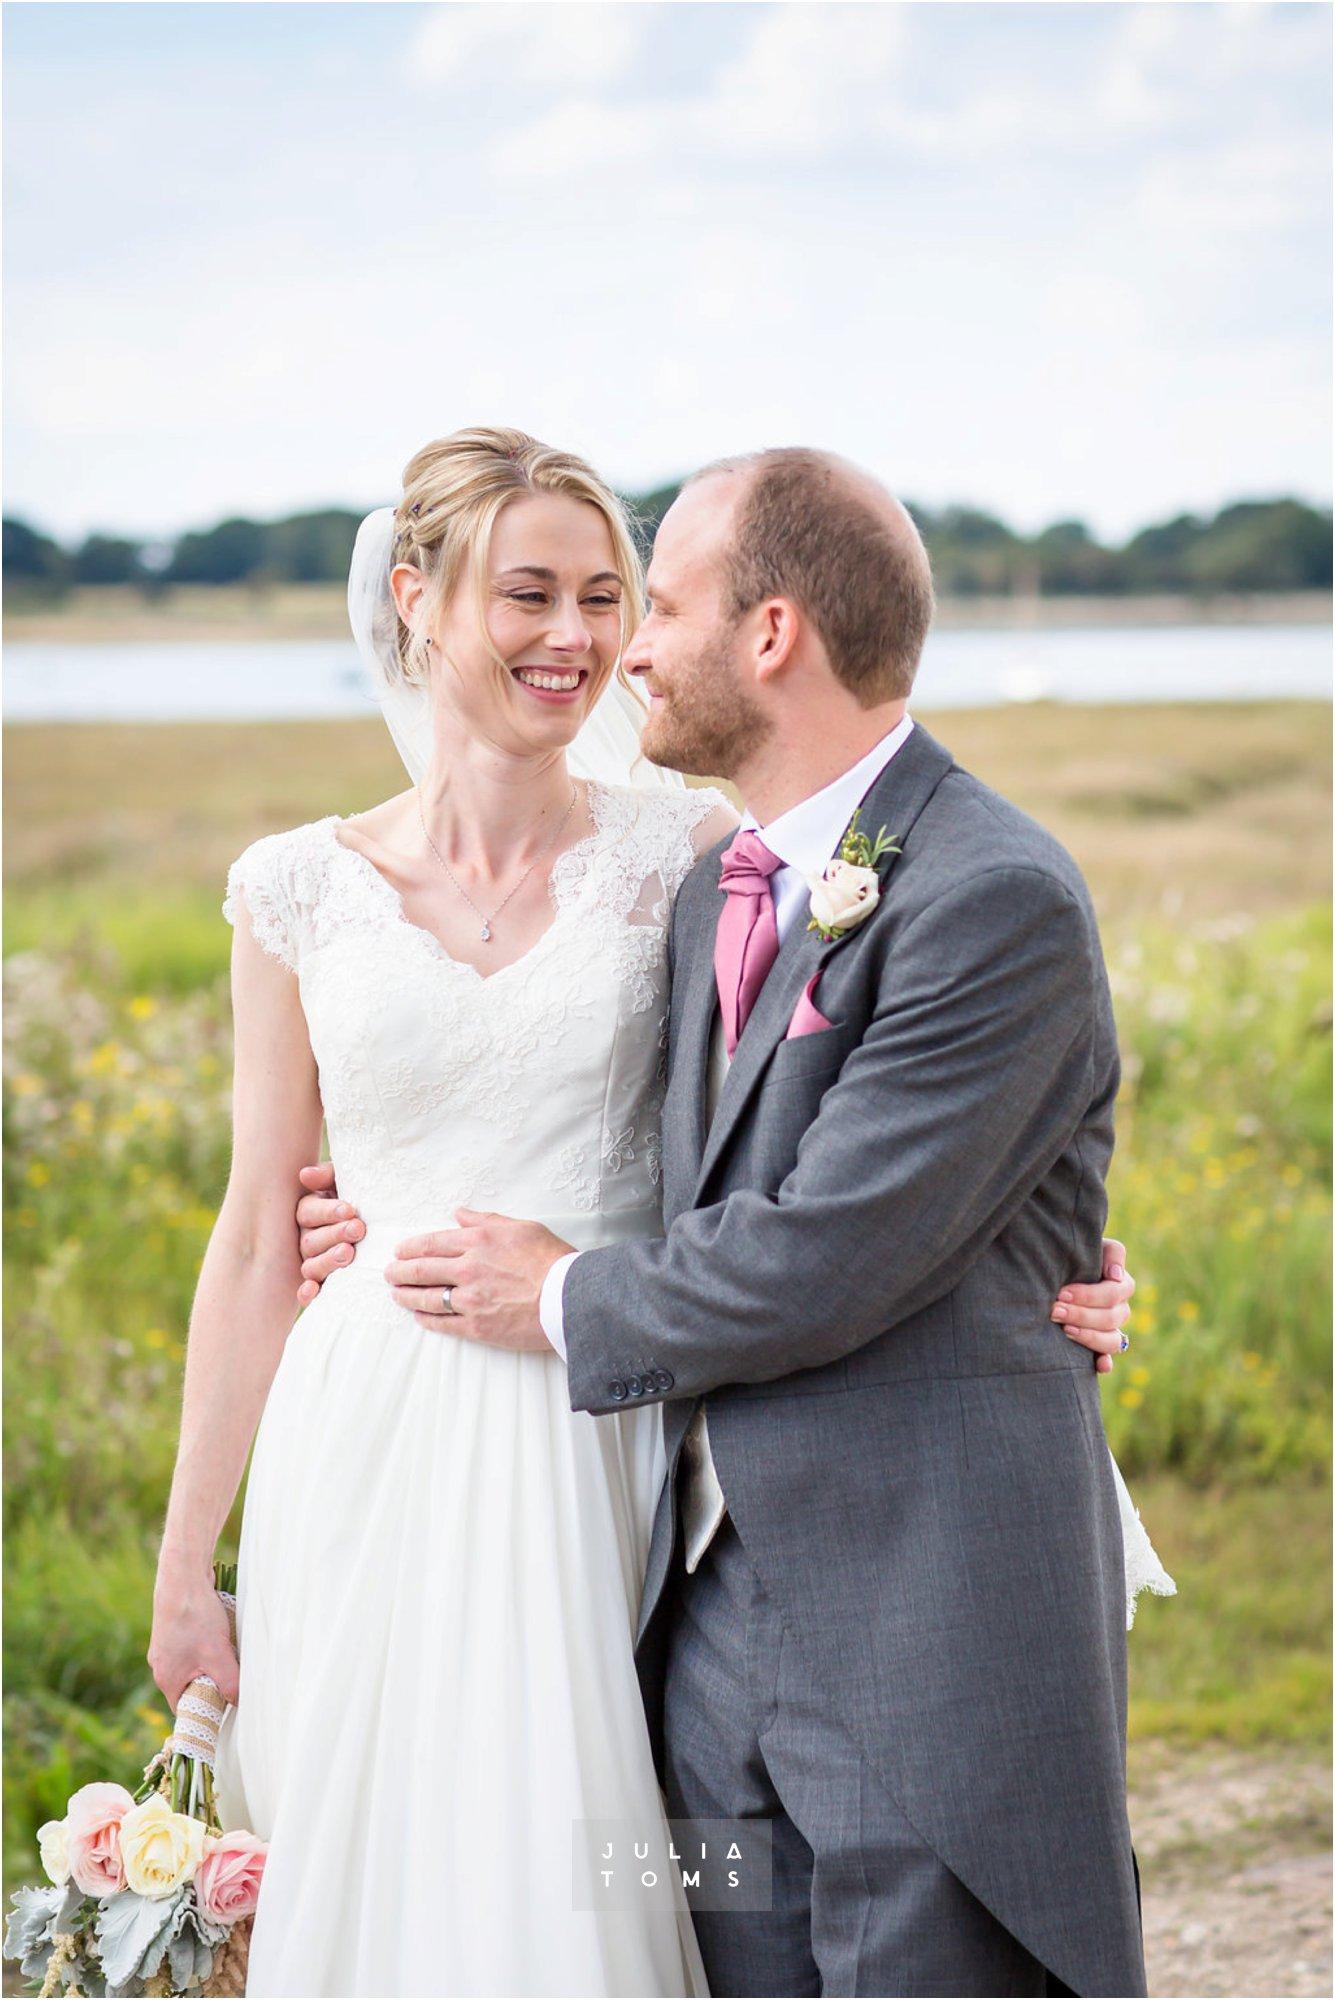 itchenor_wedding_chichester_photographer_046.jpg